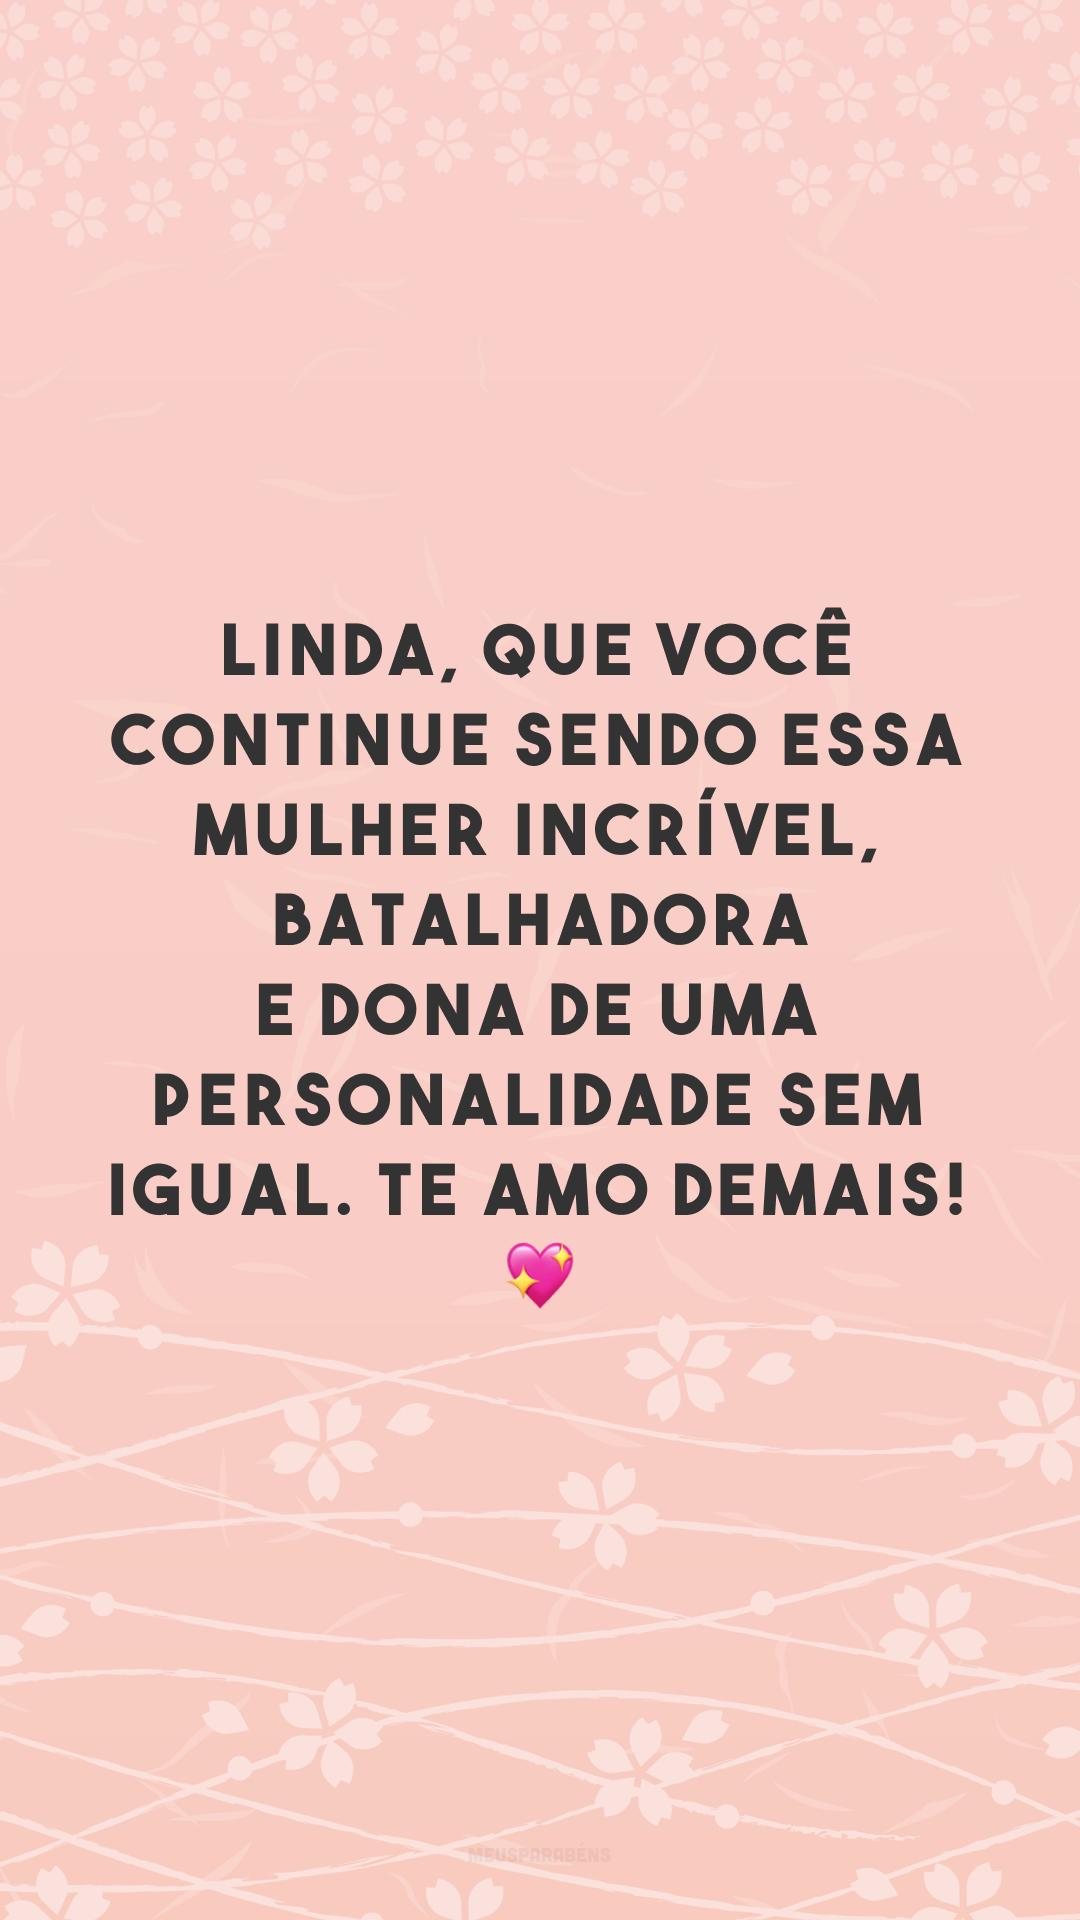 Linda, que você continue sendo essa mulher incrível, batalhadora e dona de uma personalidade sem igual. Te amo demais! 💖